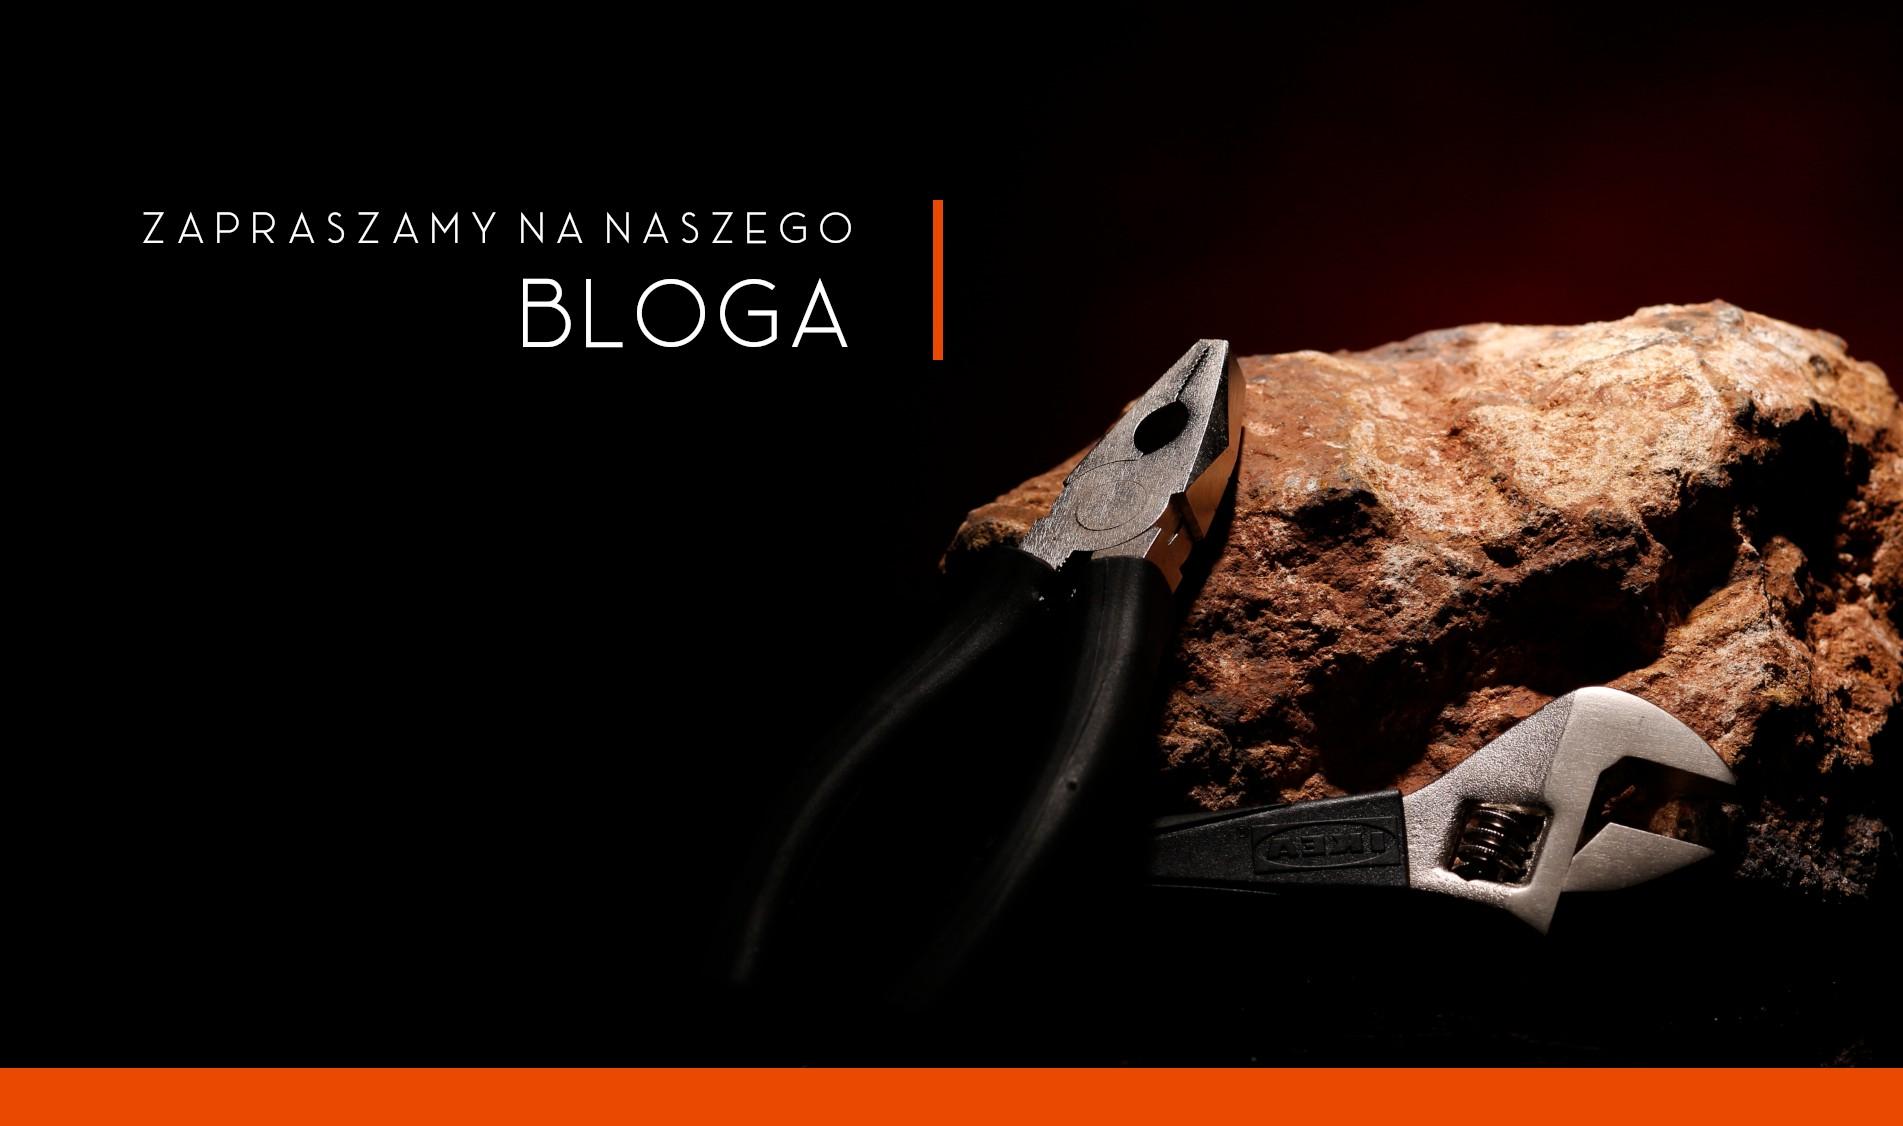 Zapraszamy na naszego bloga!